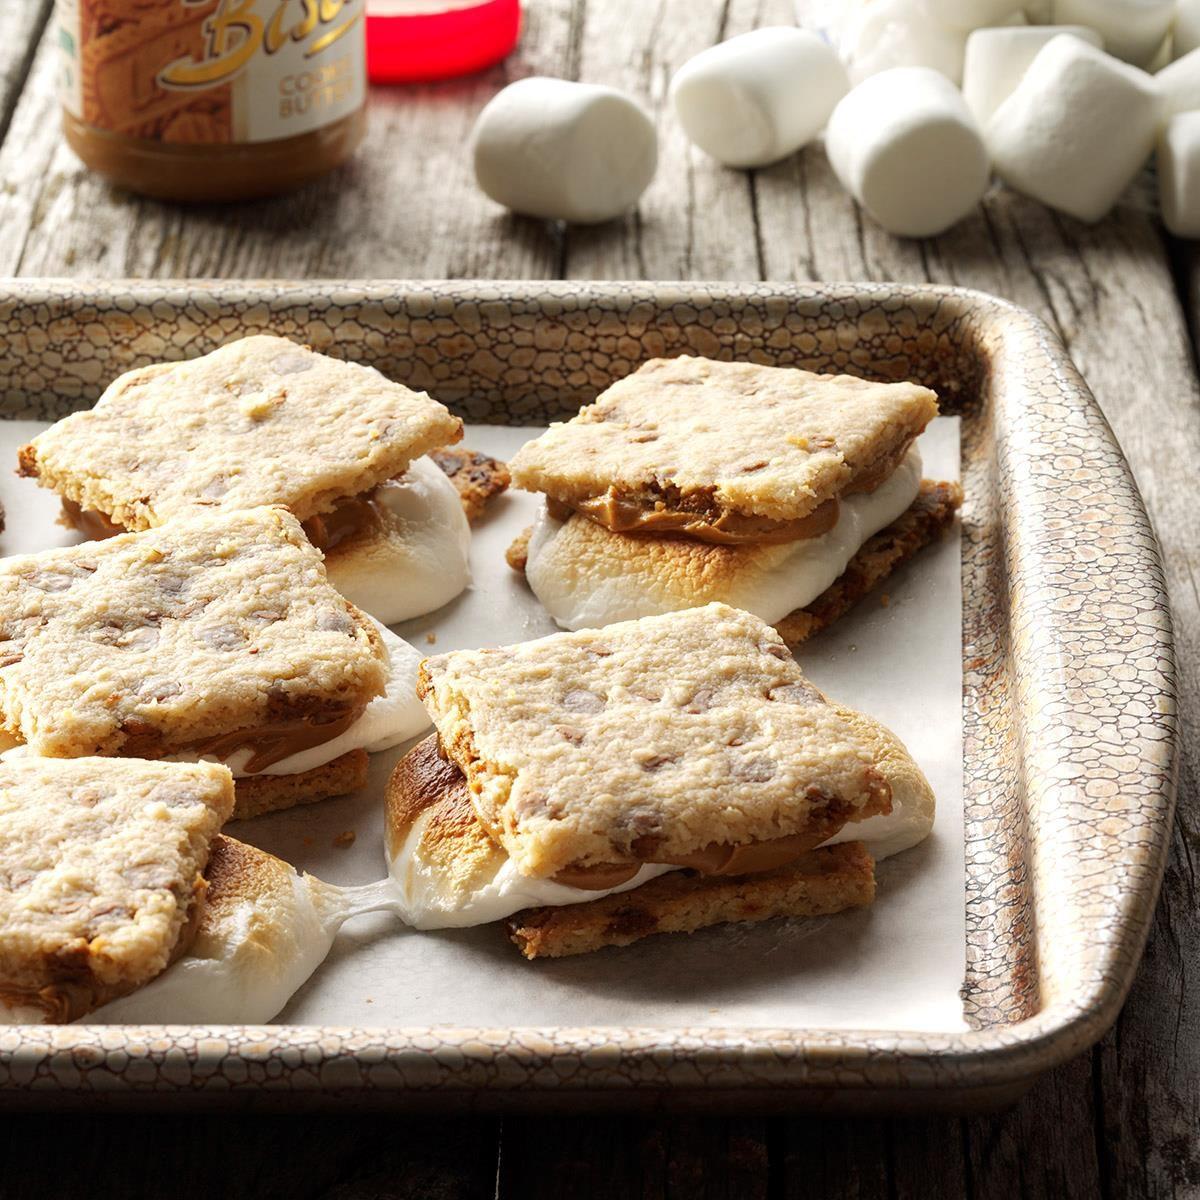 S'mookies on a baking sheet